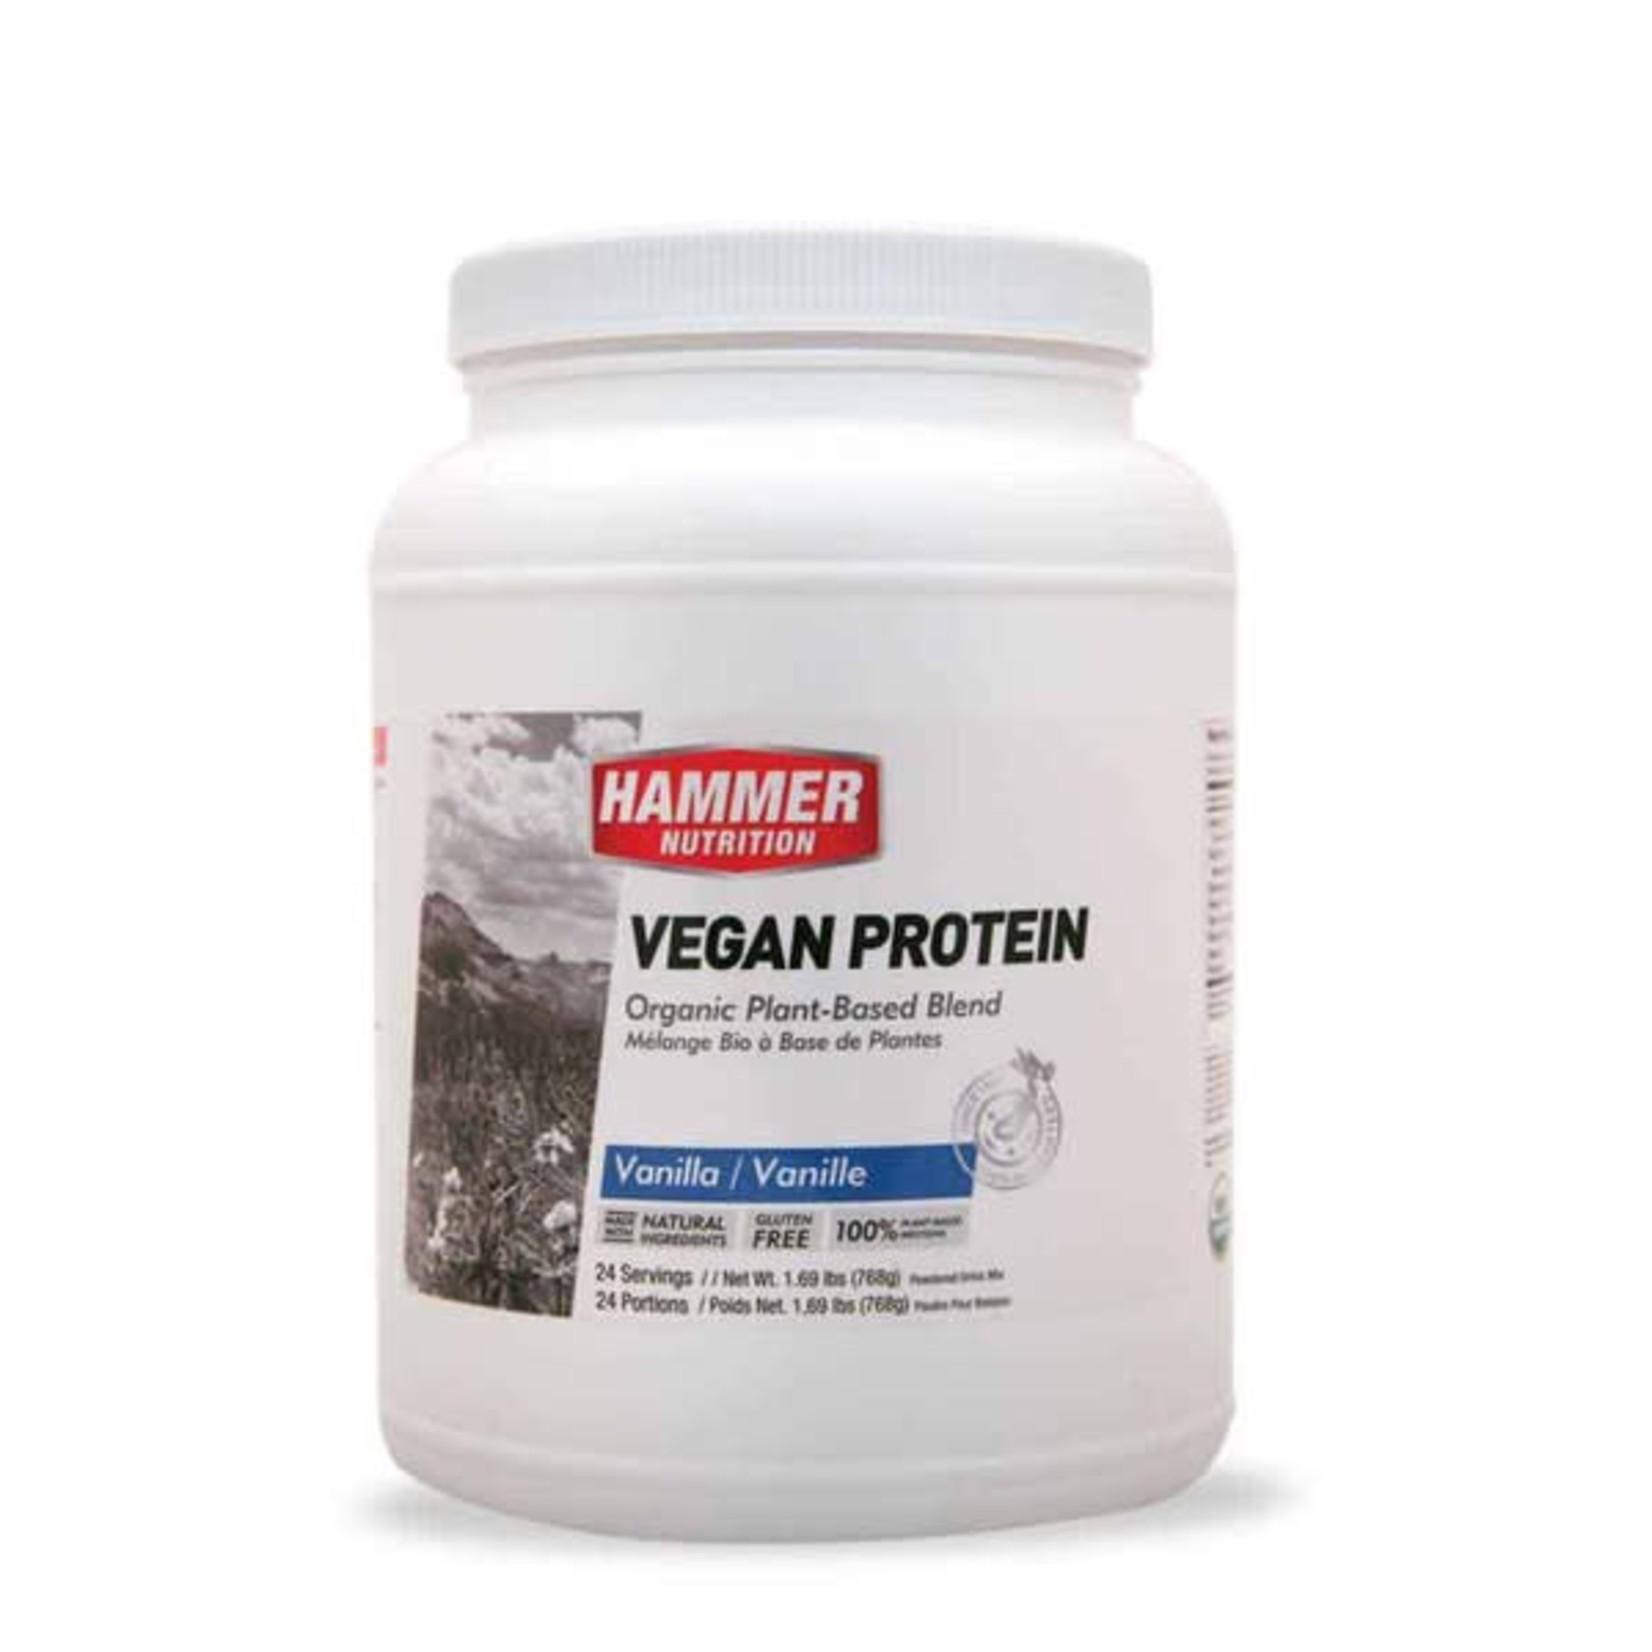 Hammer Nutrition Hammer Vegan Protein Powder 24 servings